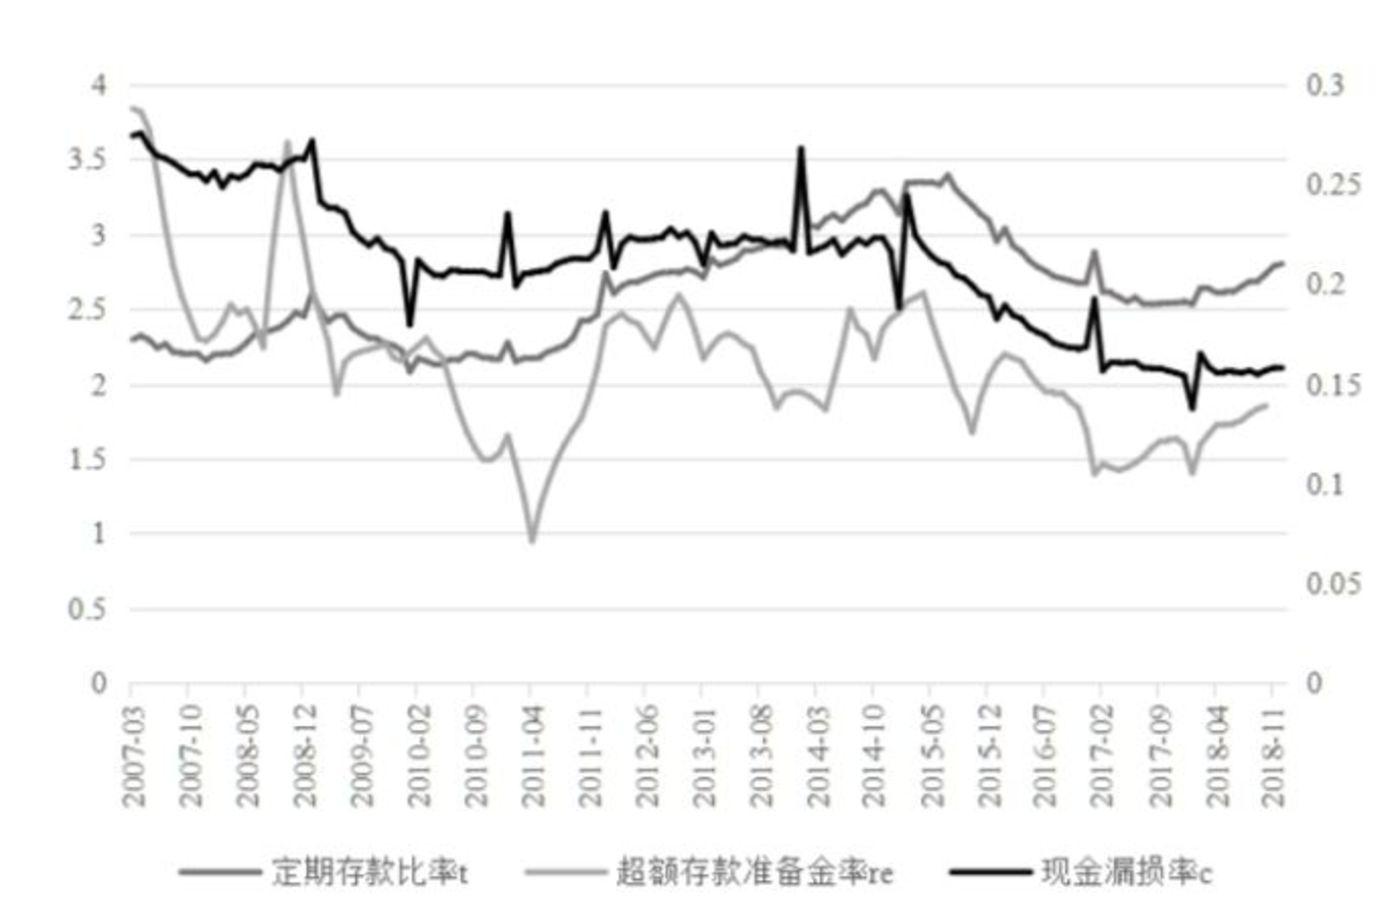 """163.com88必发 入夏回暖 次新行情趋热 """"α""""投资逻辑正当时"""